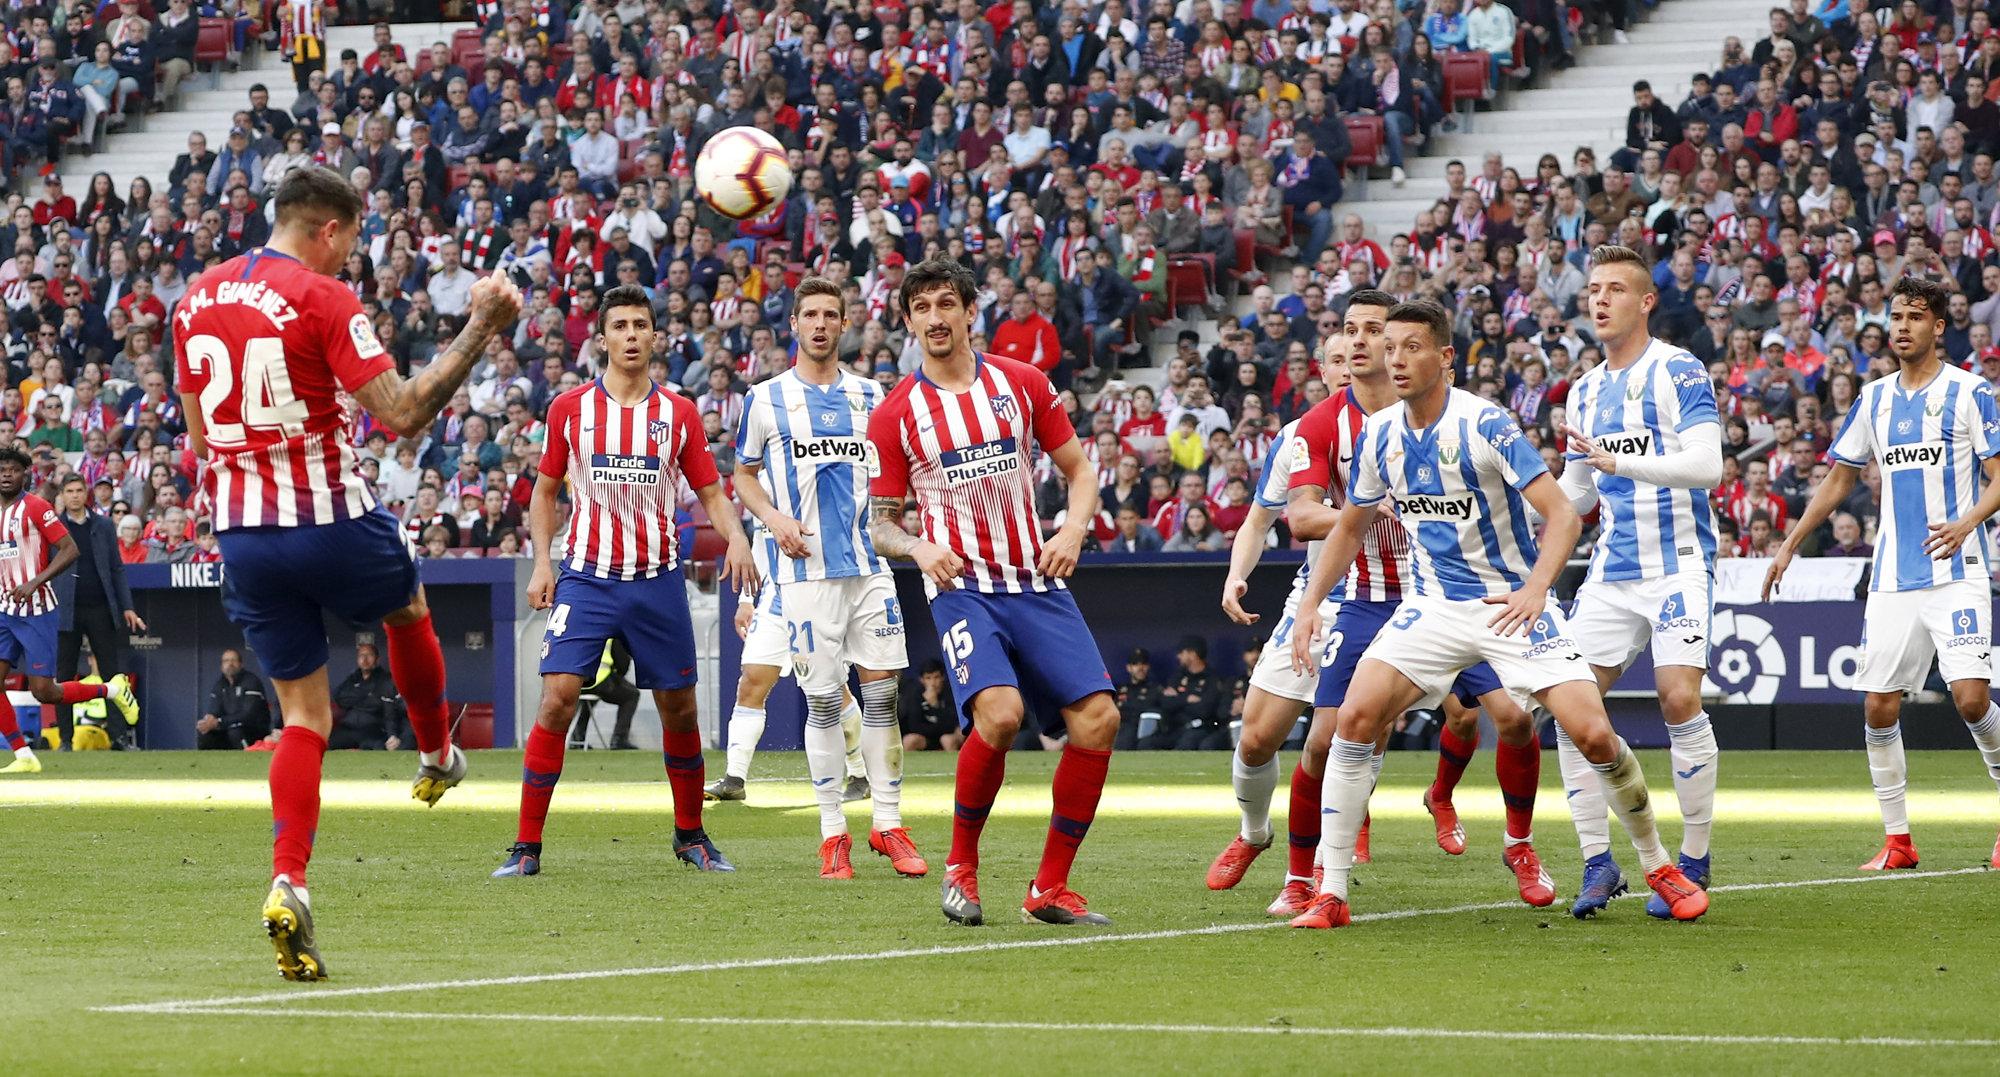 Giménez remata una acción a balón parado en el choque ante el Leganés.